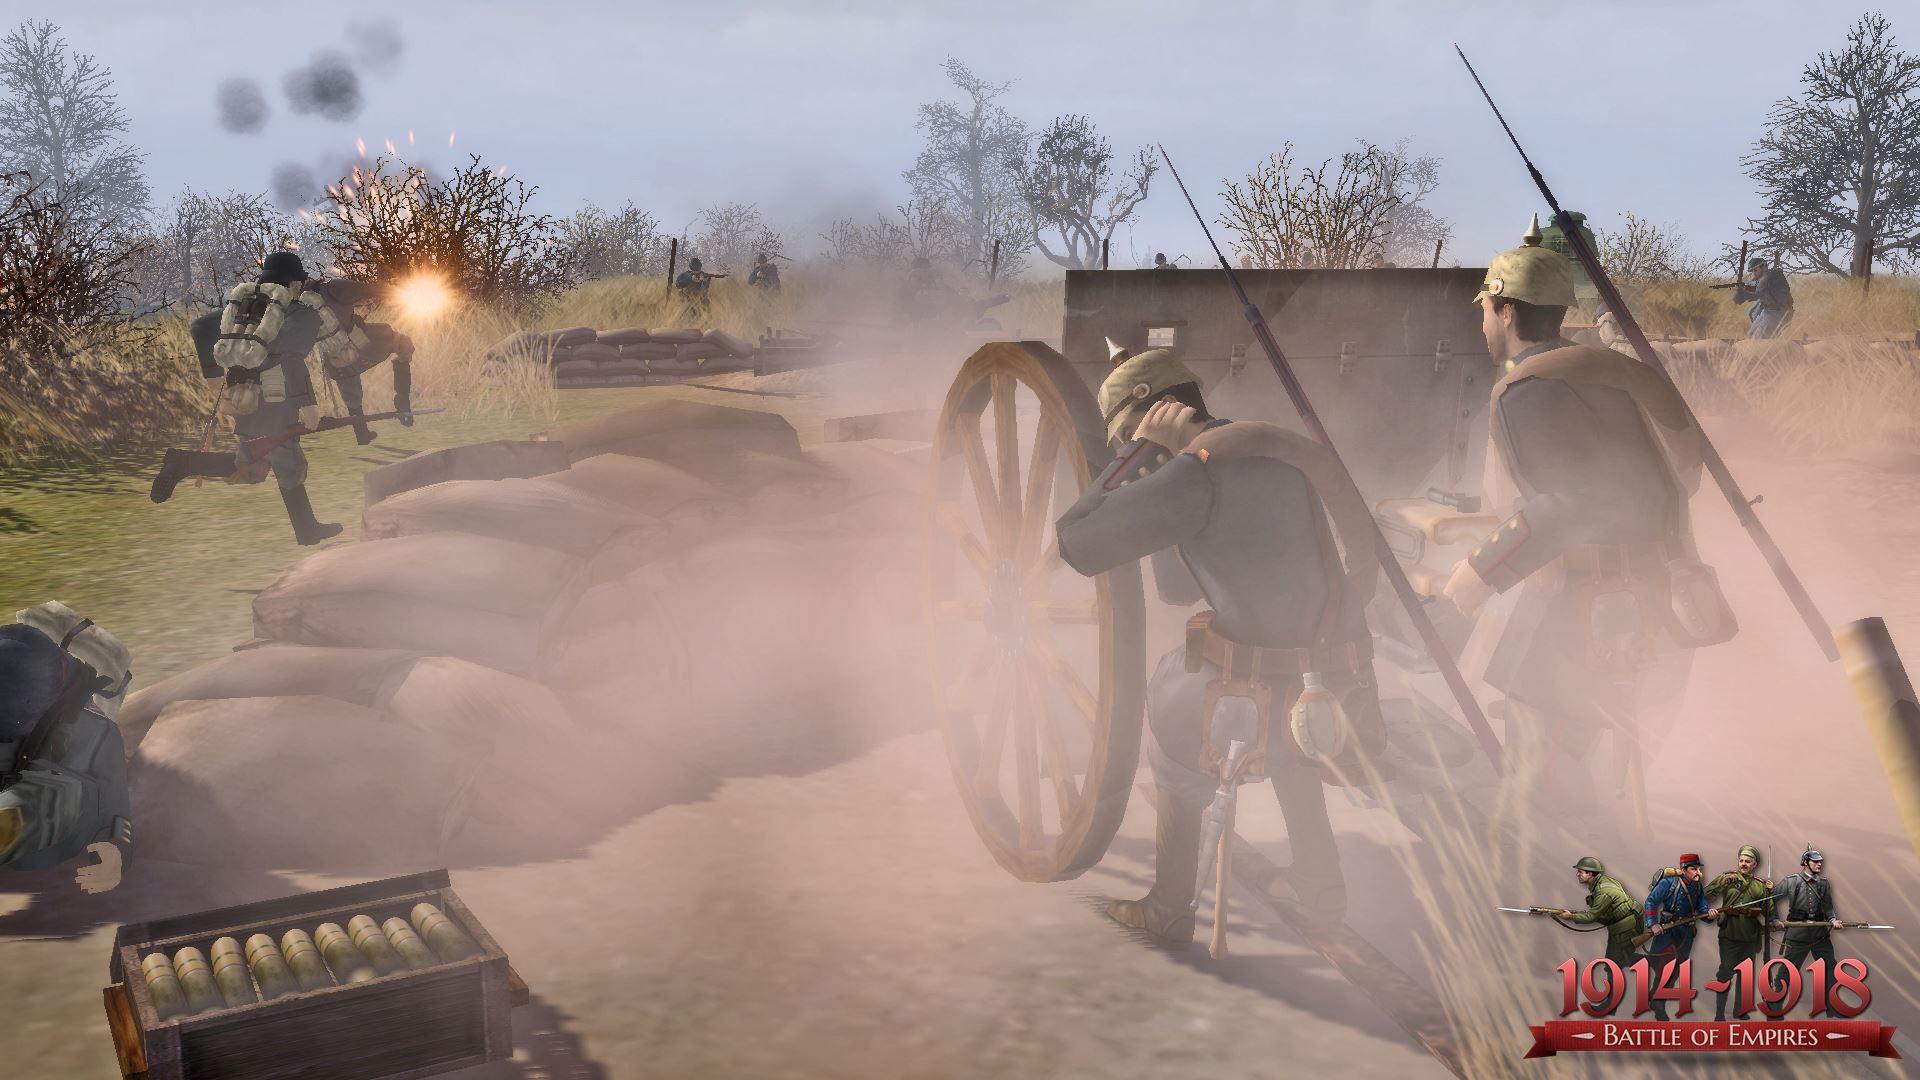 Скачать Battle of Empires: 1914-1918 (1.506) + 10 DLC (RUS, ENG) — бесплатно